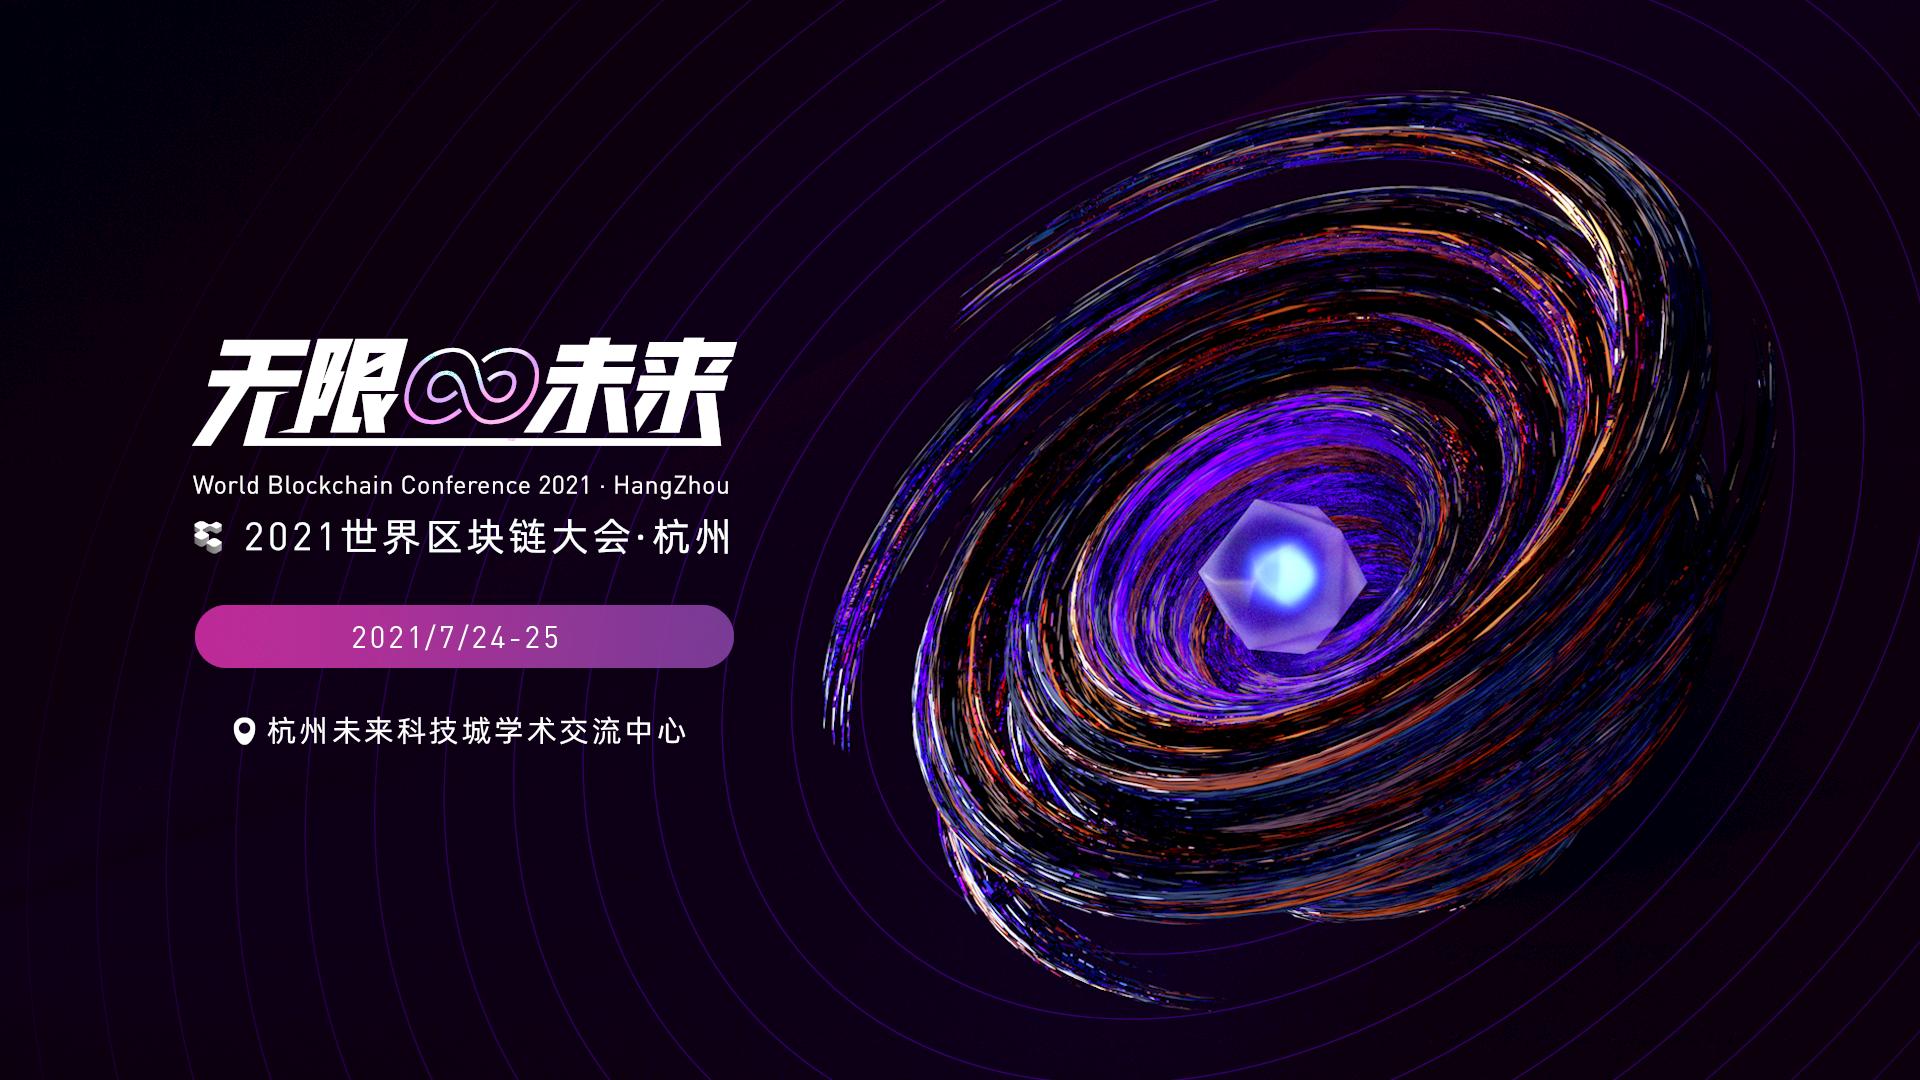 世界区块链大会·杭州6大亮点全收录,产业区块链的过去和未来,都在这里了!